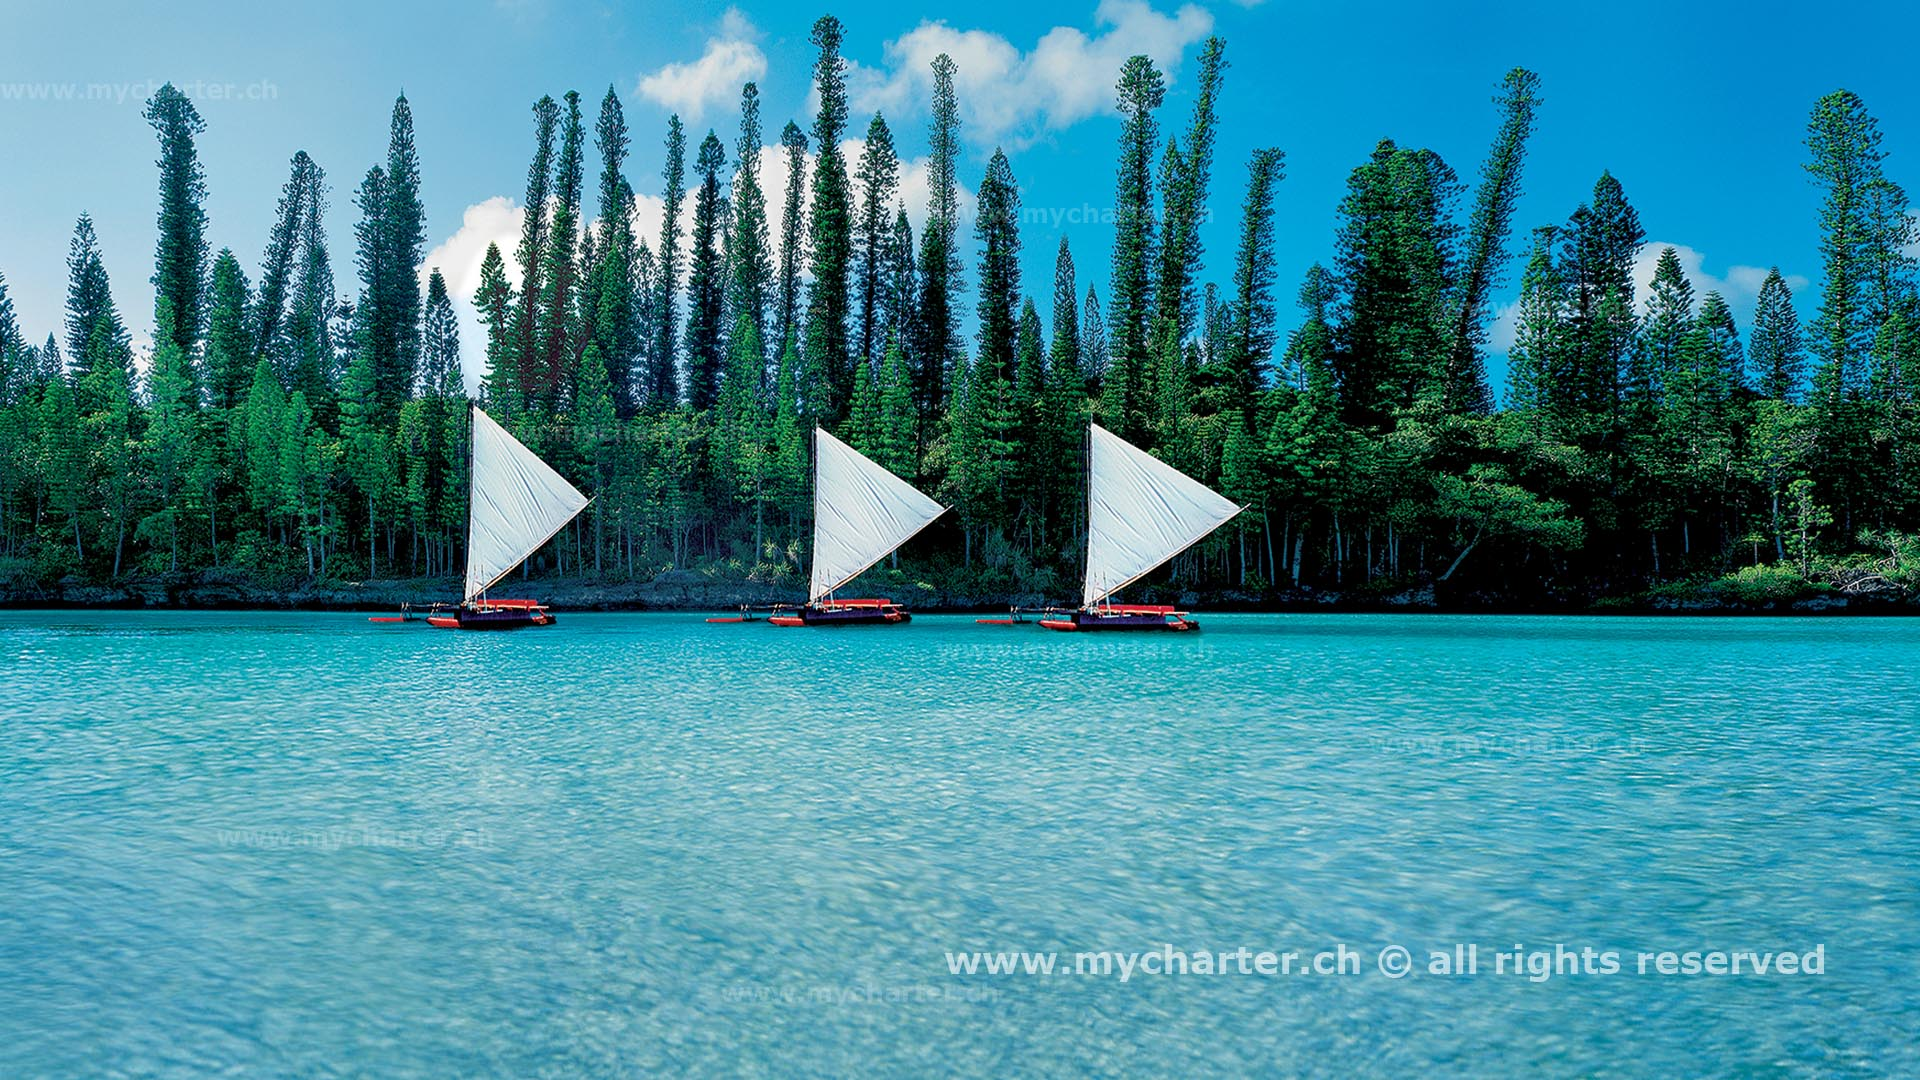 Yachtcharter Neukaledonien - Iles des Pins